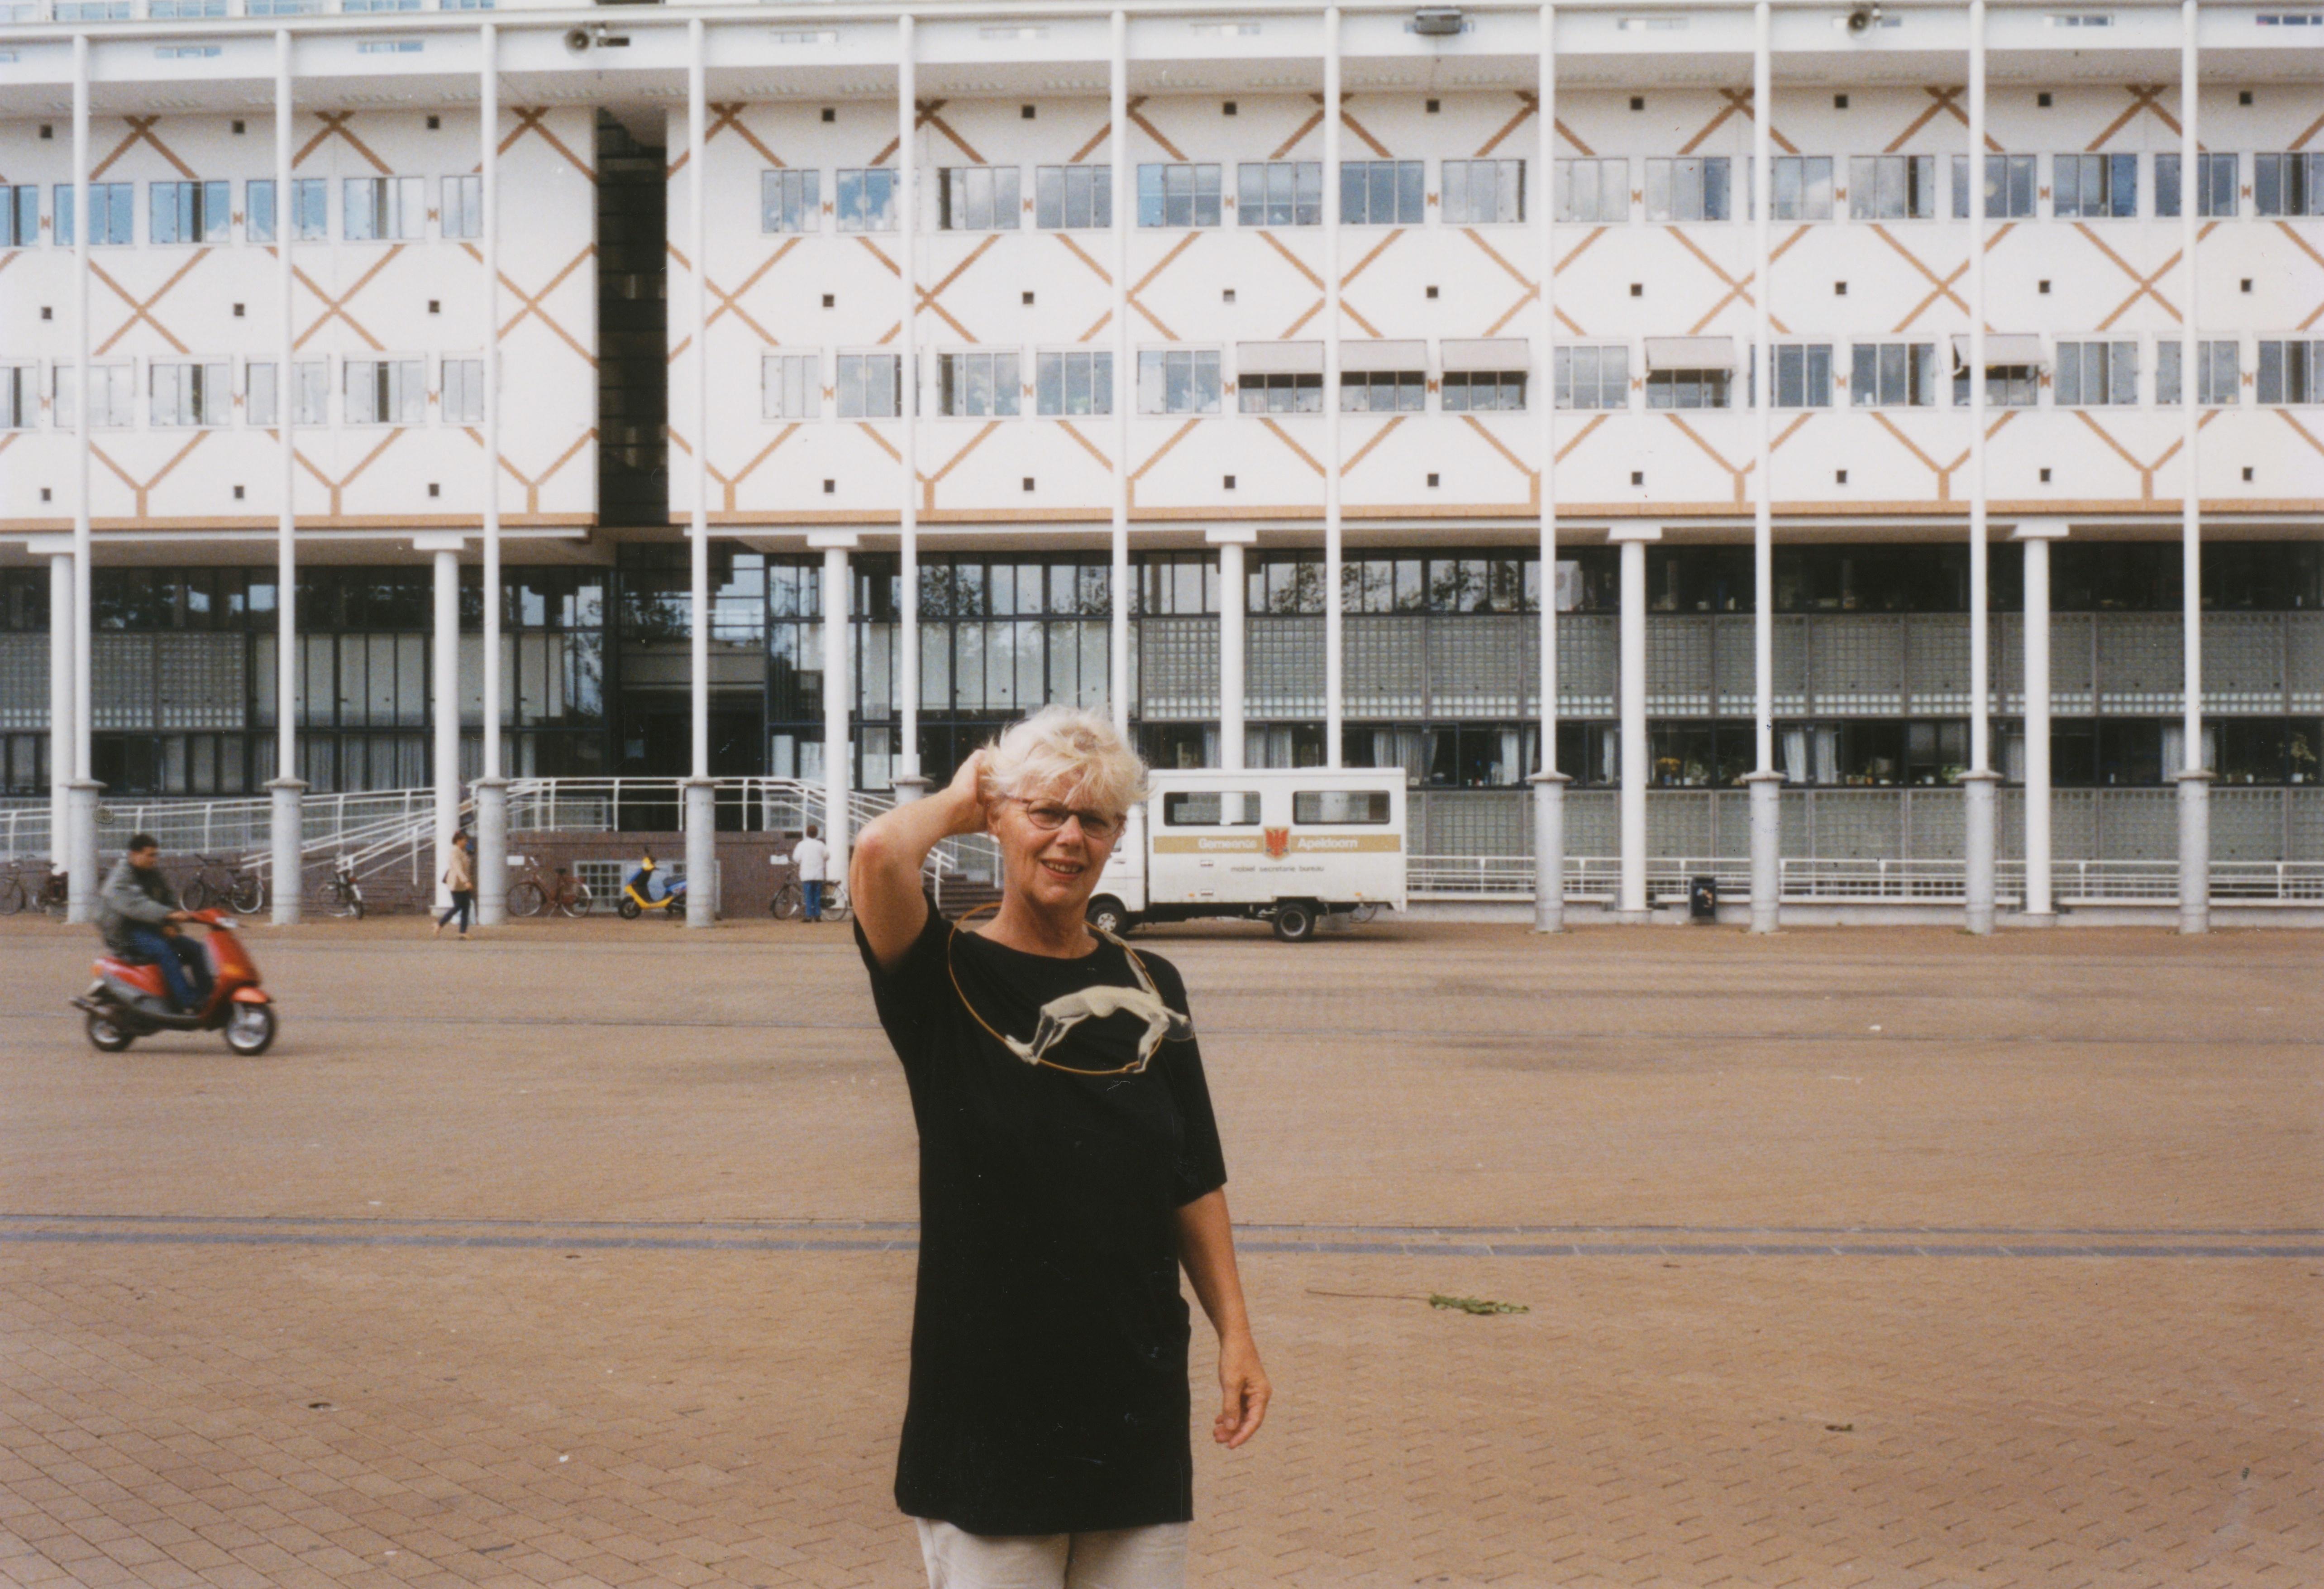 Claartje Keur, Zelfportret met halssieraad van Gijs Bakker, Apeldoorn, Stadhuis Marktplein, 10 september 1998. Foto Claartje Keur